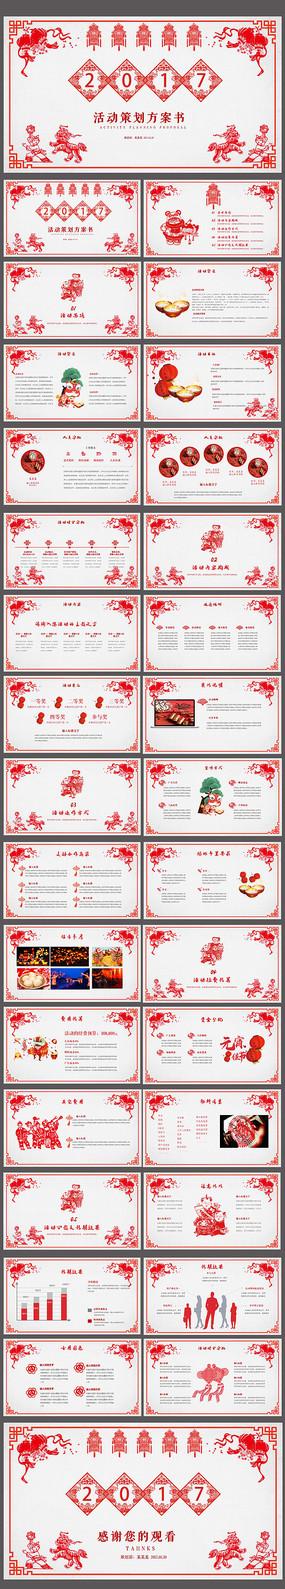 元宵节中国风策划方案PPT